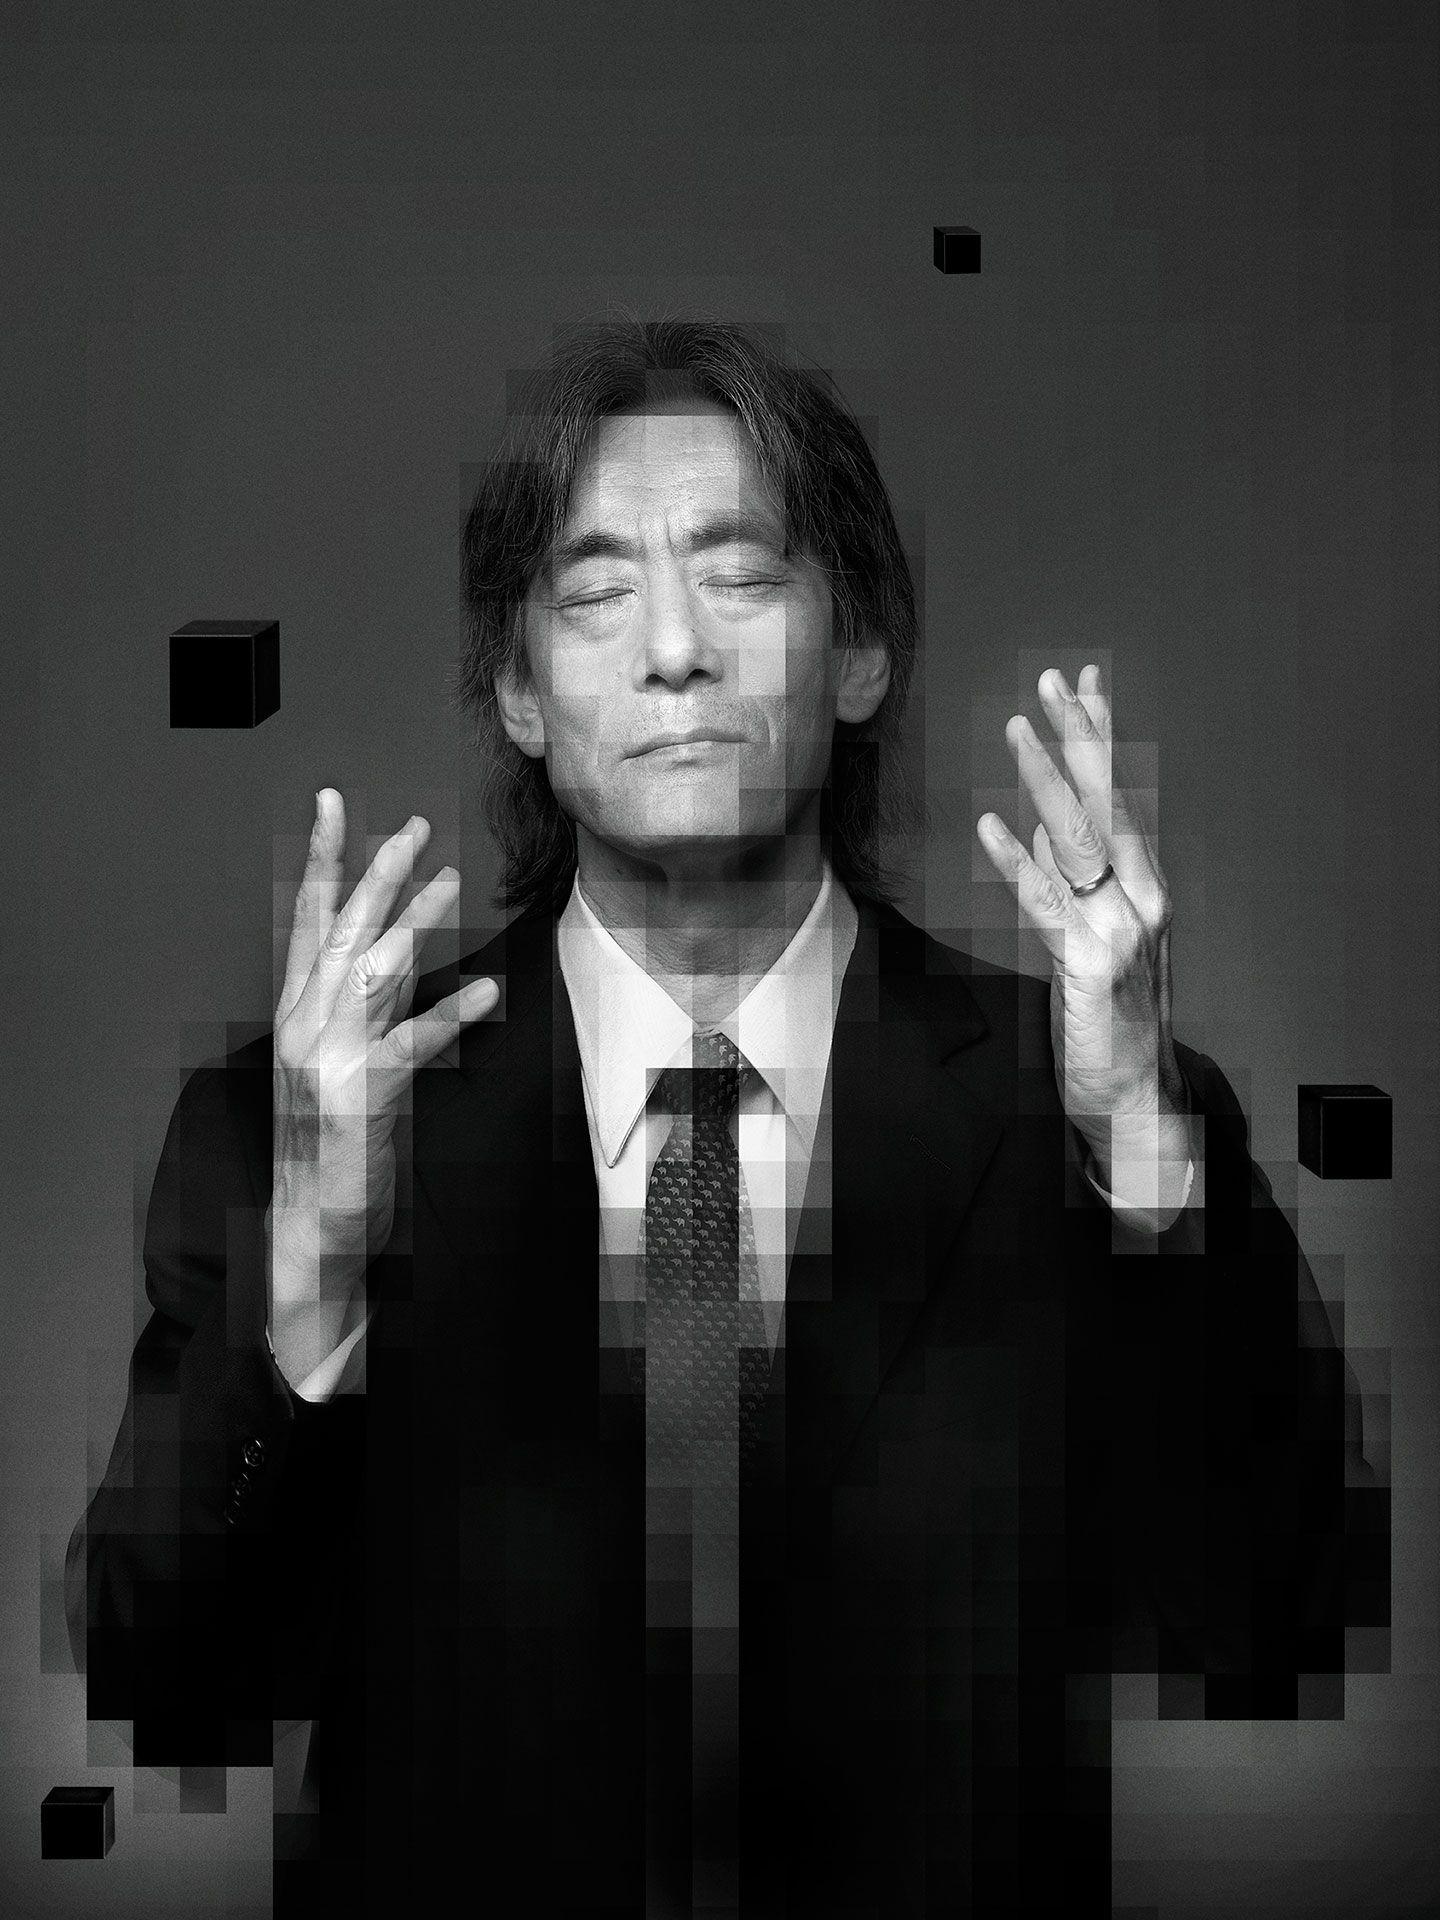 Portrait noir et blanc de Kent Nagano avec un effet de pixélisation.